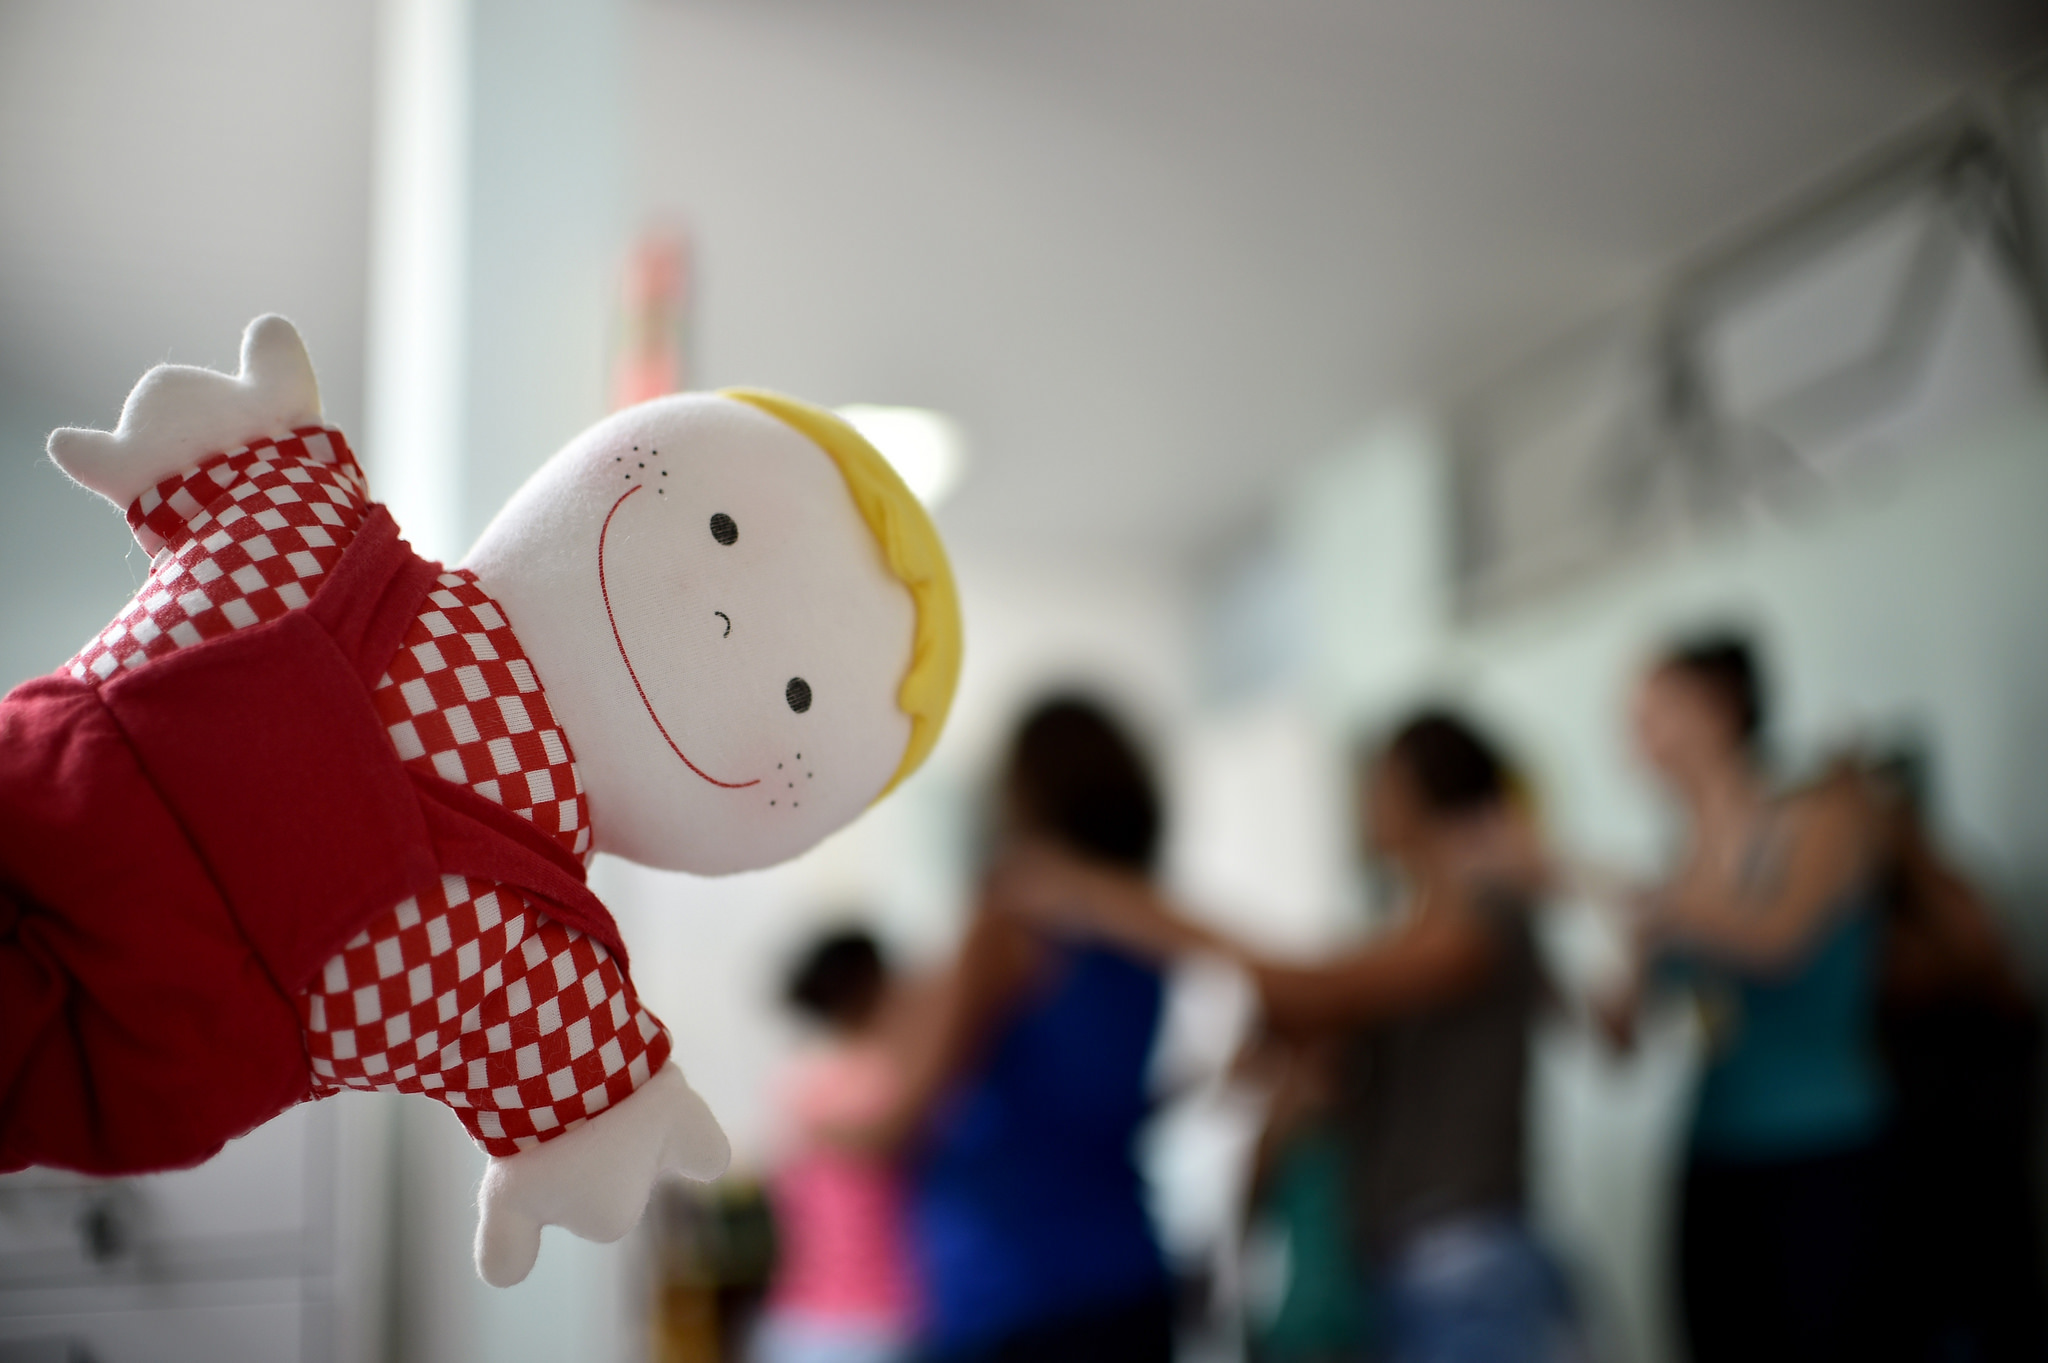 Direitos Humanos - geral - assistência psicológica abusos vítimas mulheres crianças violência acolhimento